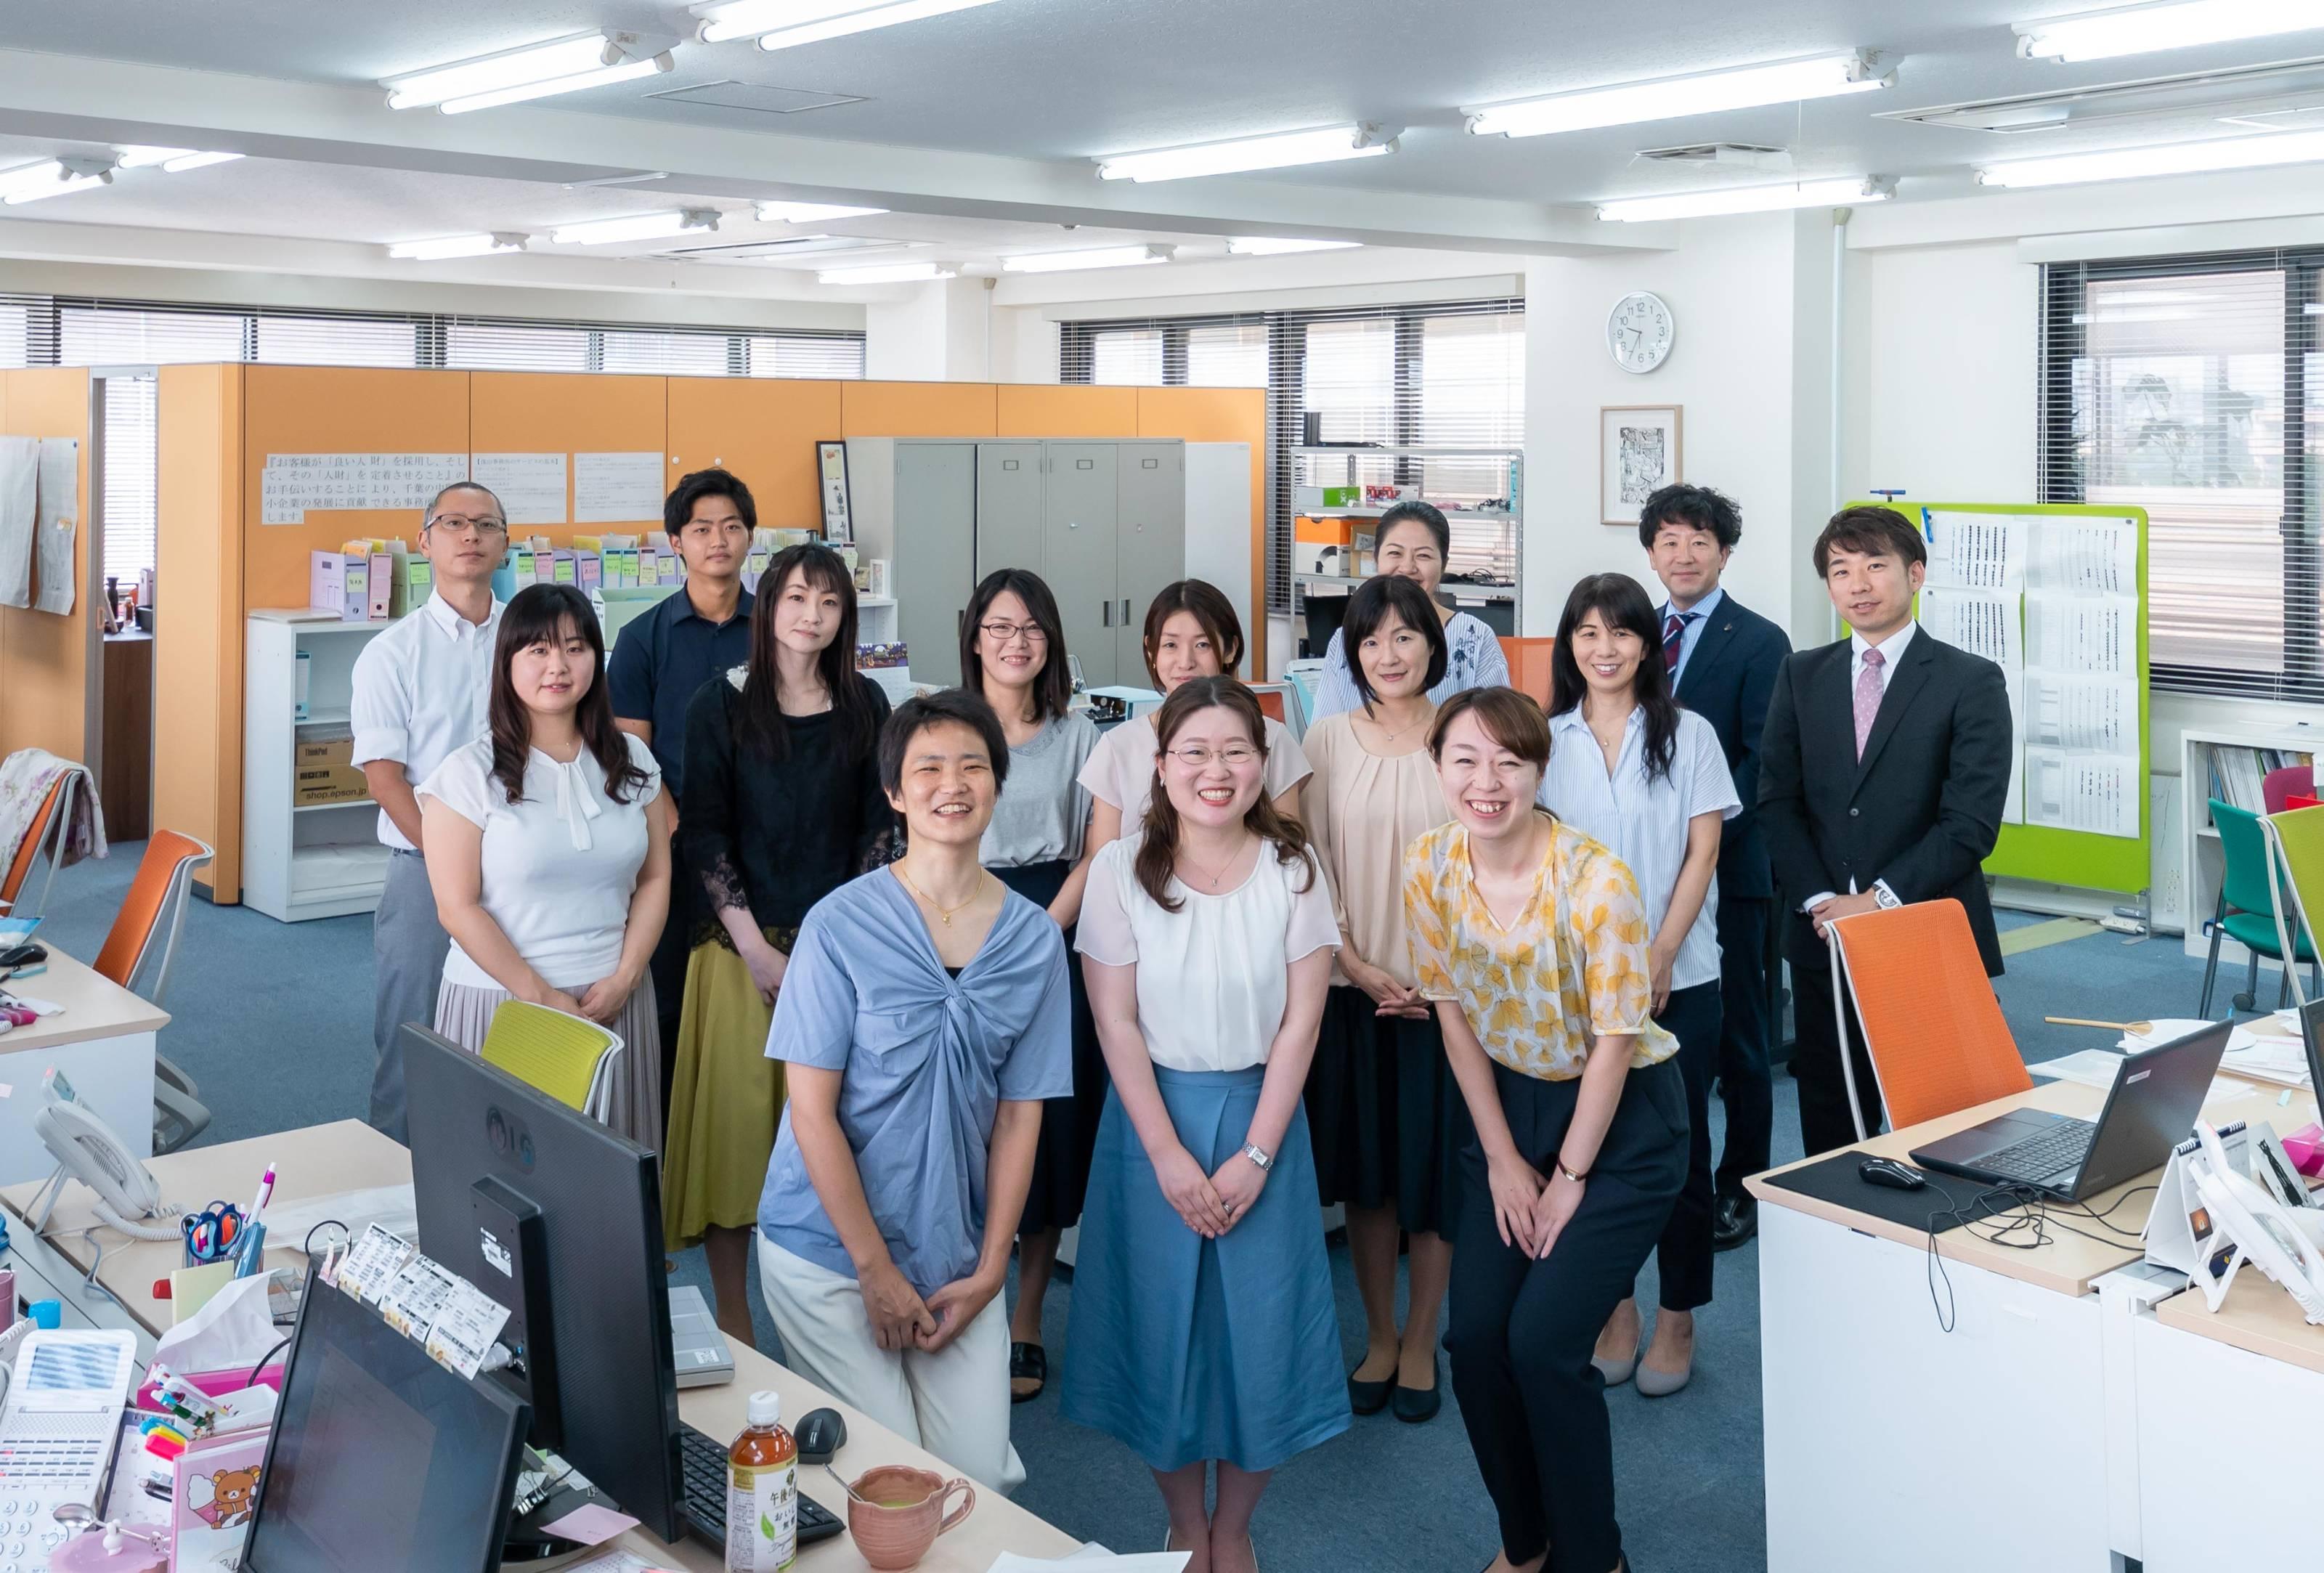 浅山社会保険労務士事務所